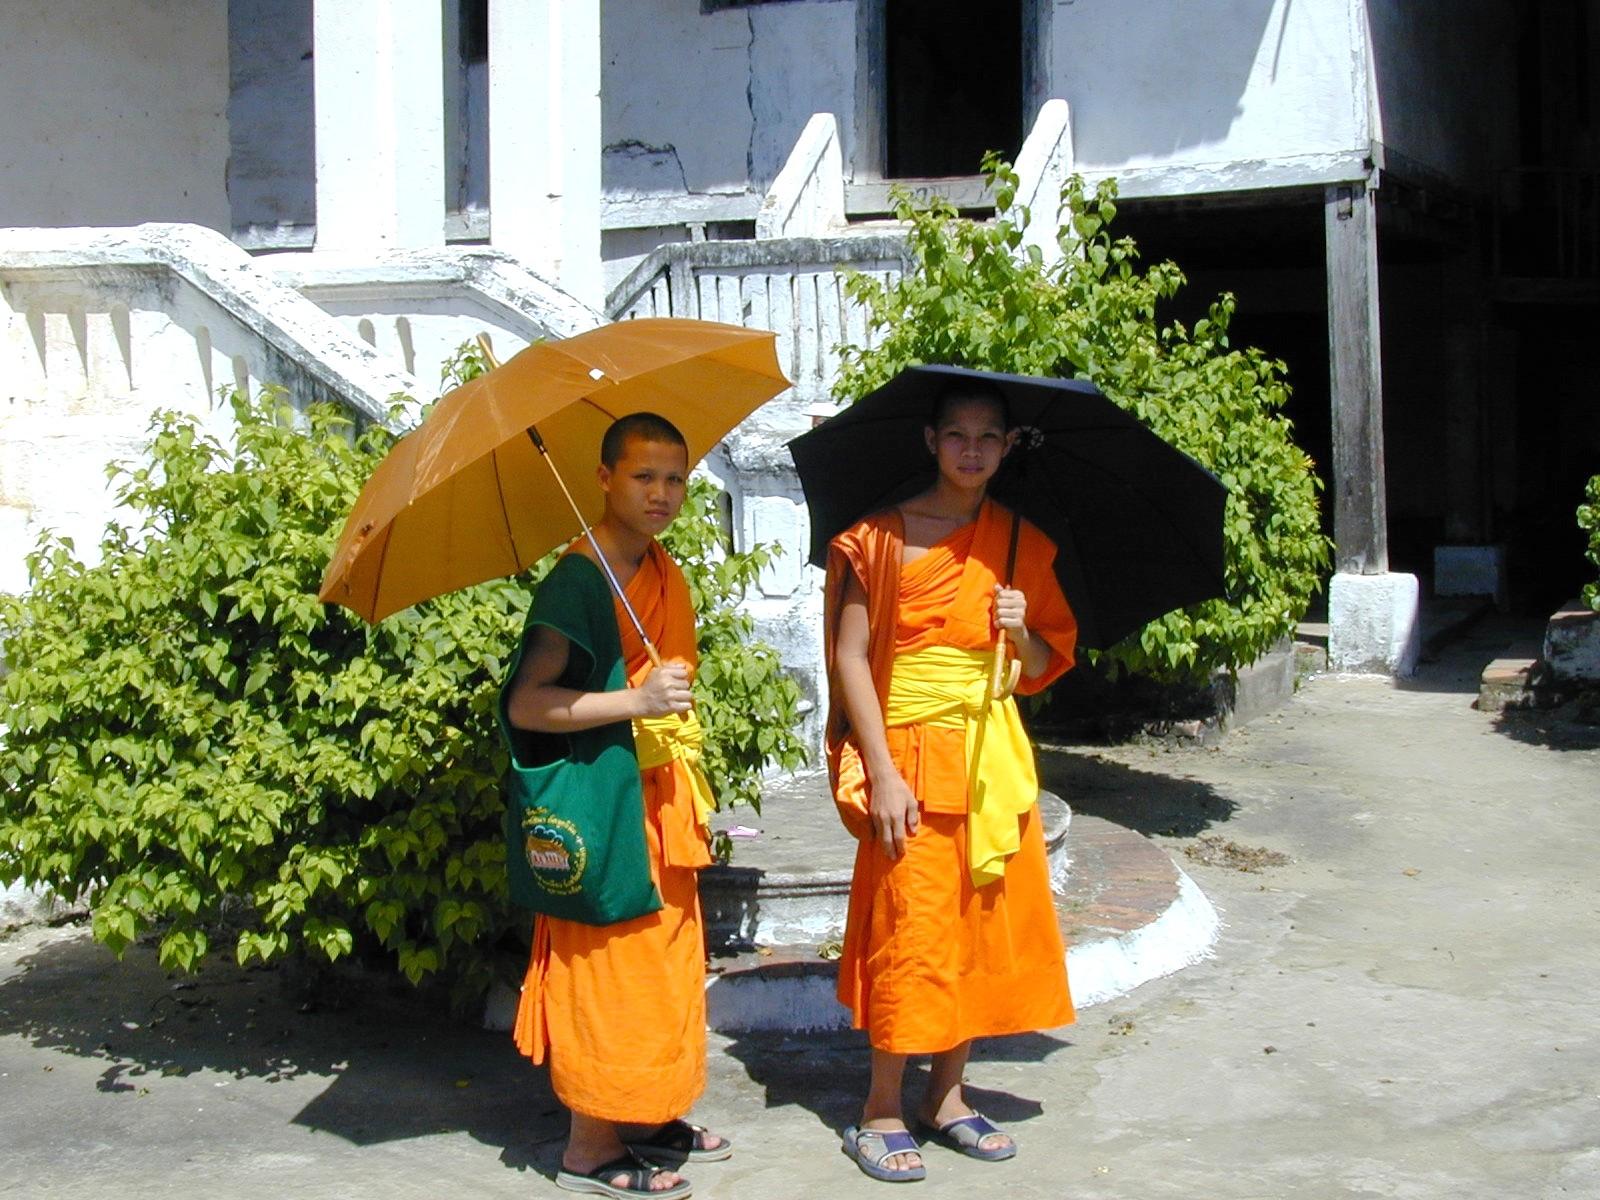 Munke i Luang prabang